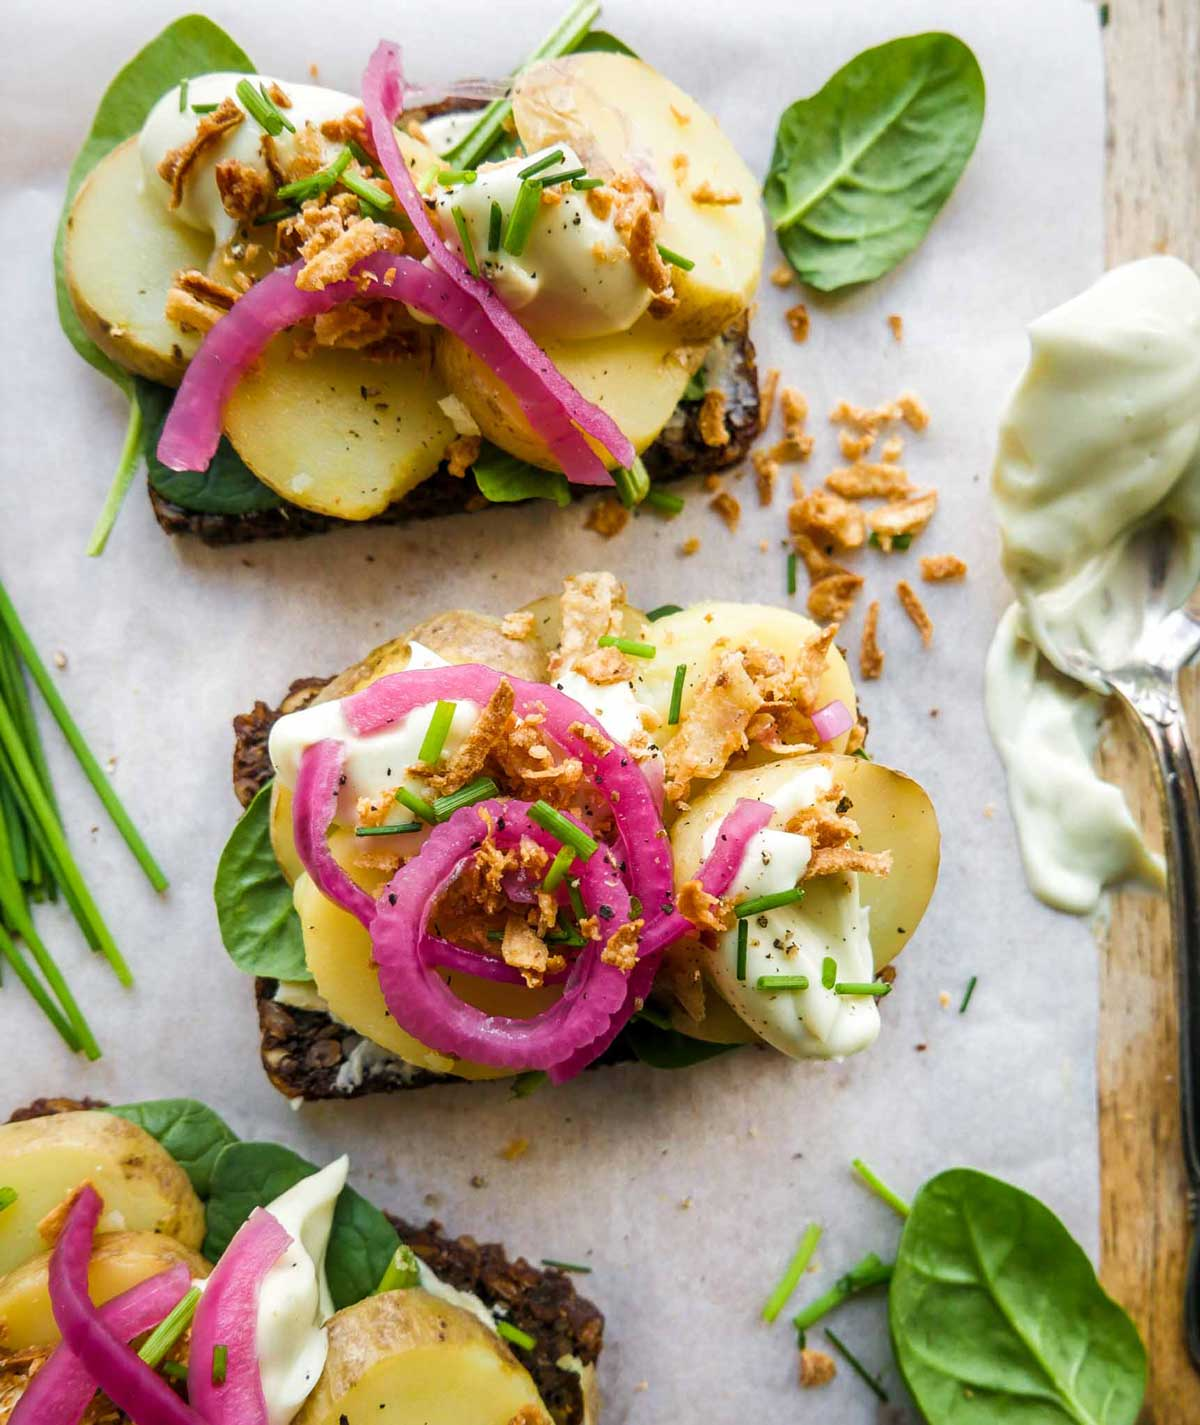 kartoffelmadder vegansk opskrift med ristede løg og mayo